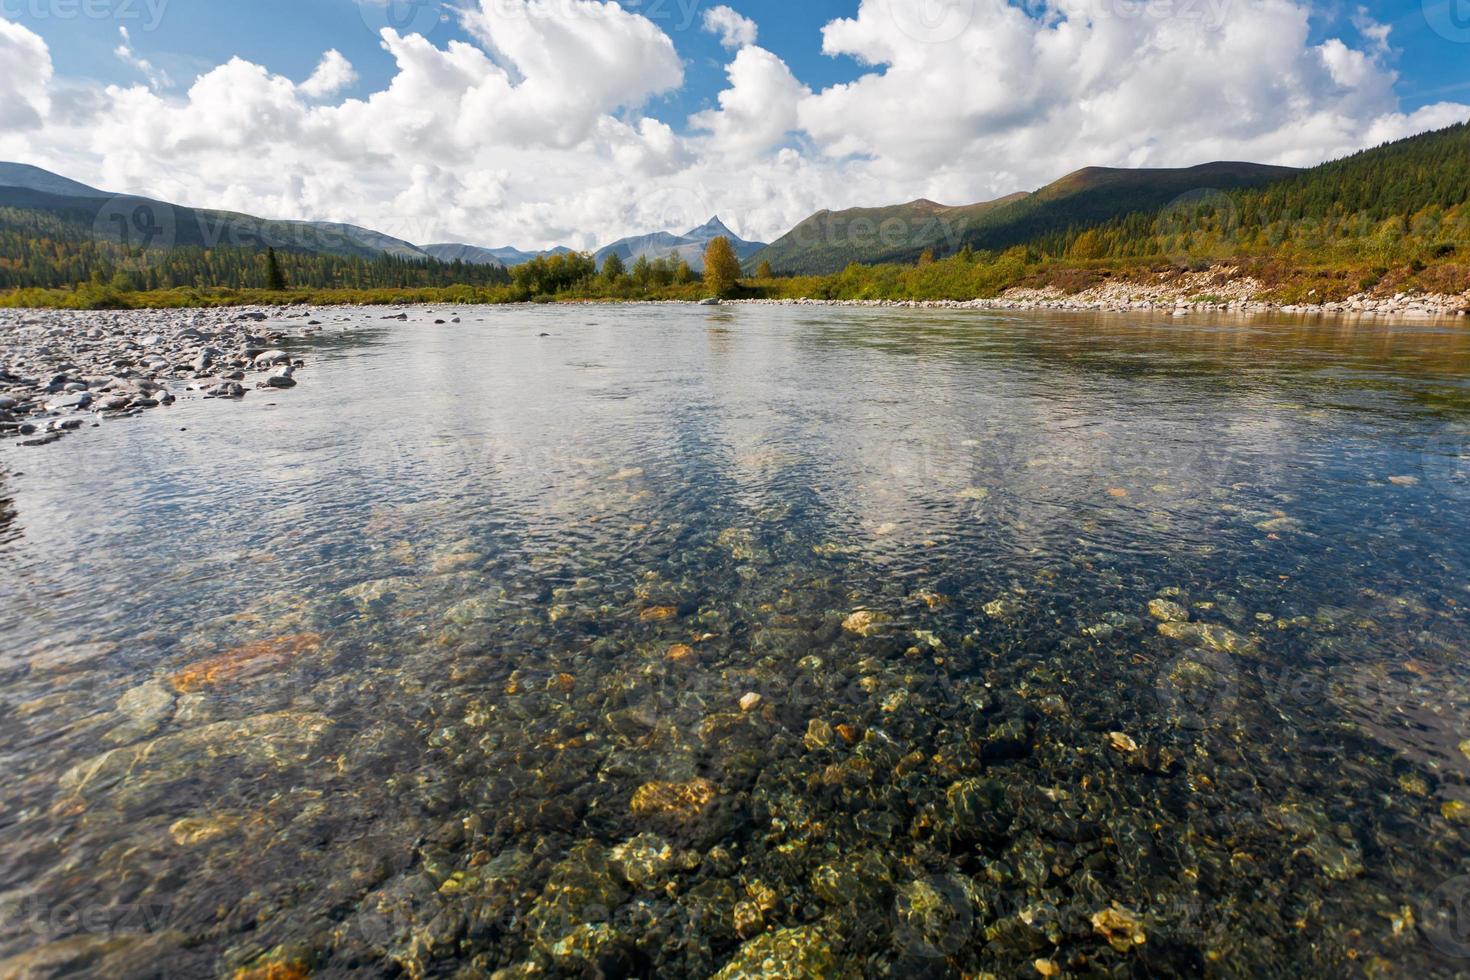 paisaje salvaje en las montañas urales. foto